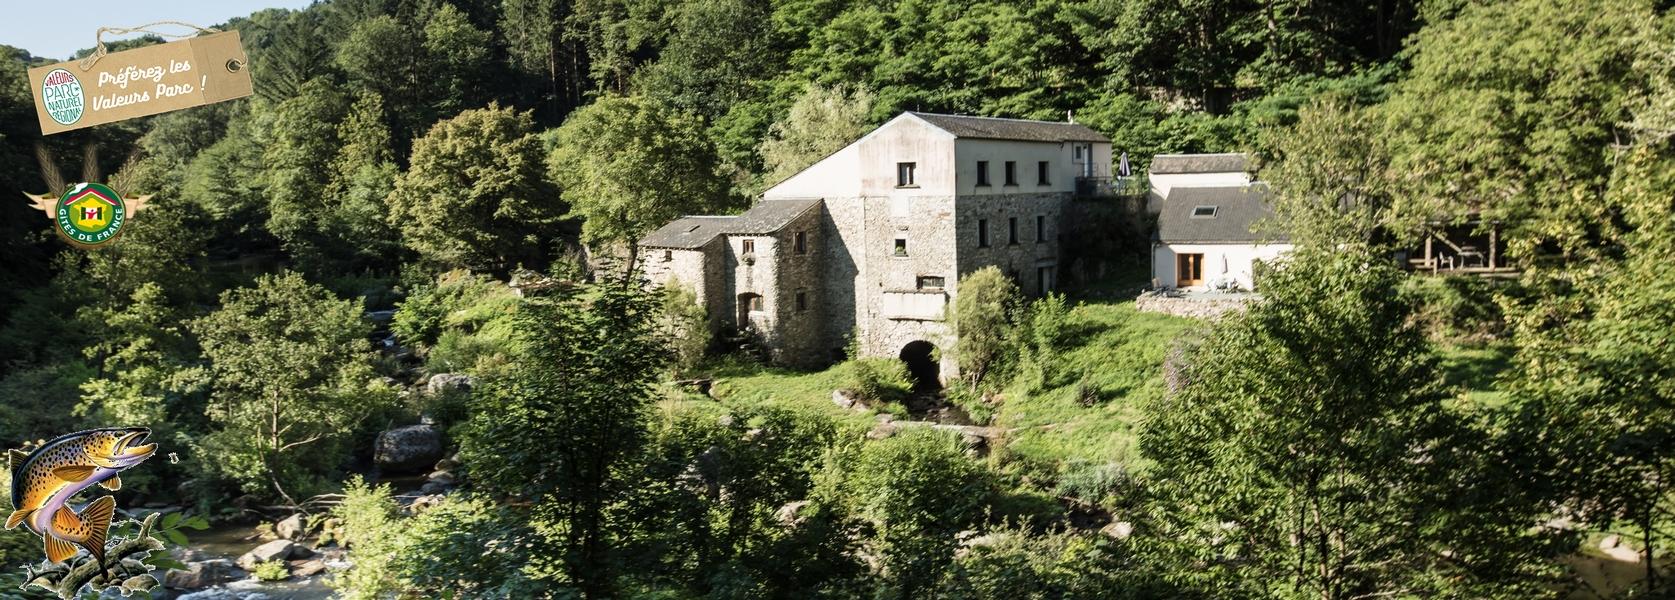 Urlaub in einer idyllisch gelegenen Wassermühle